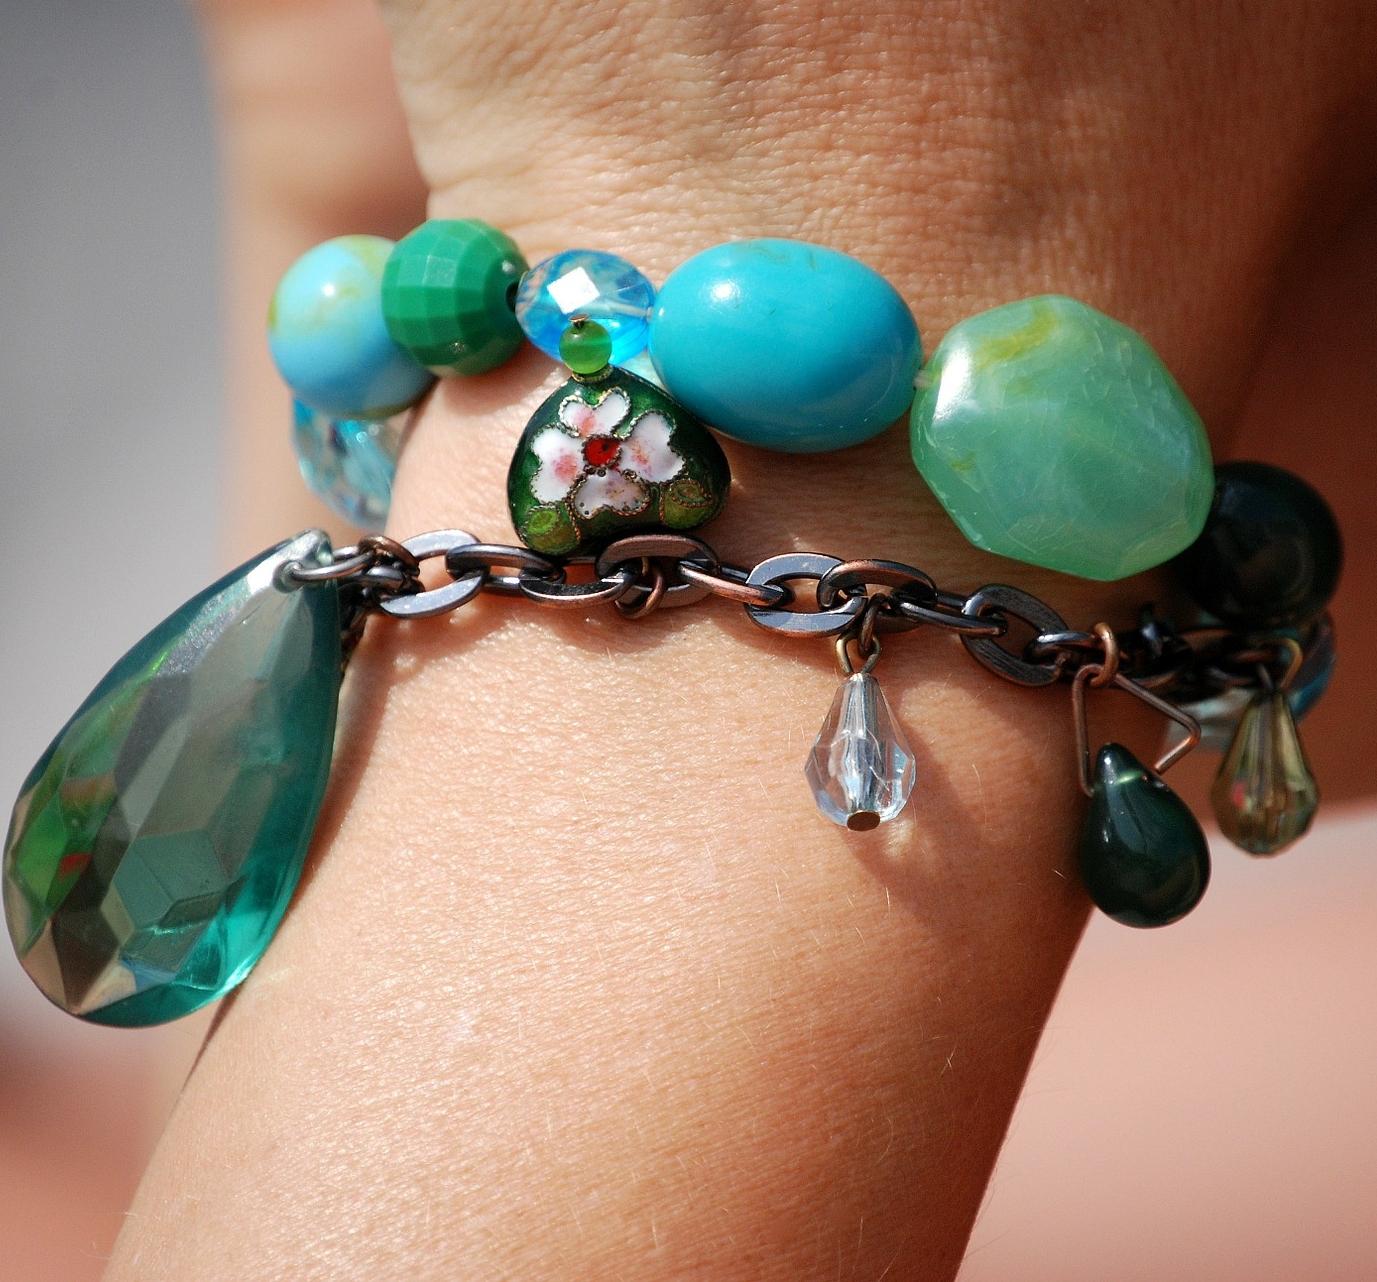 bracelet-341217_1920.jpg